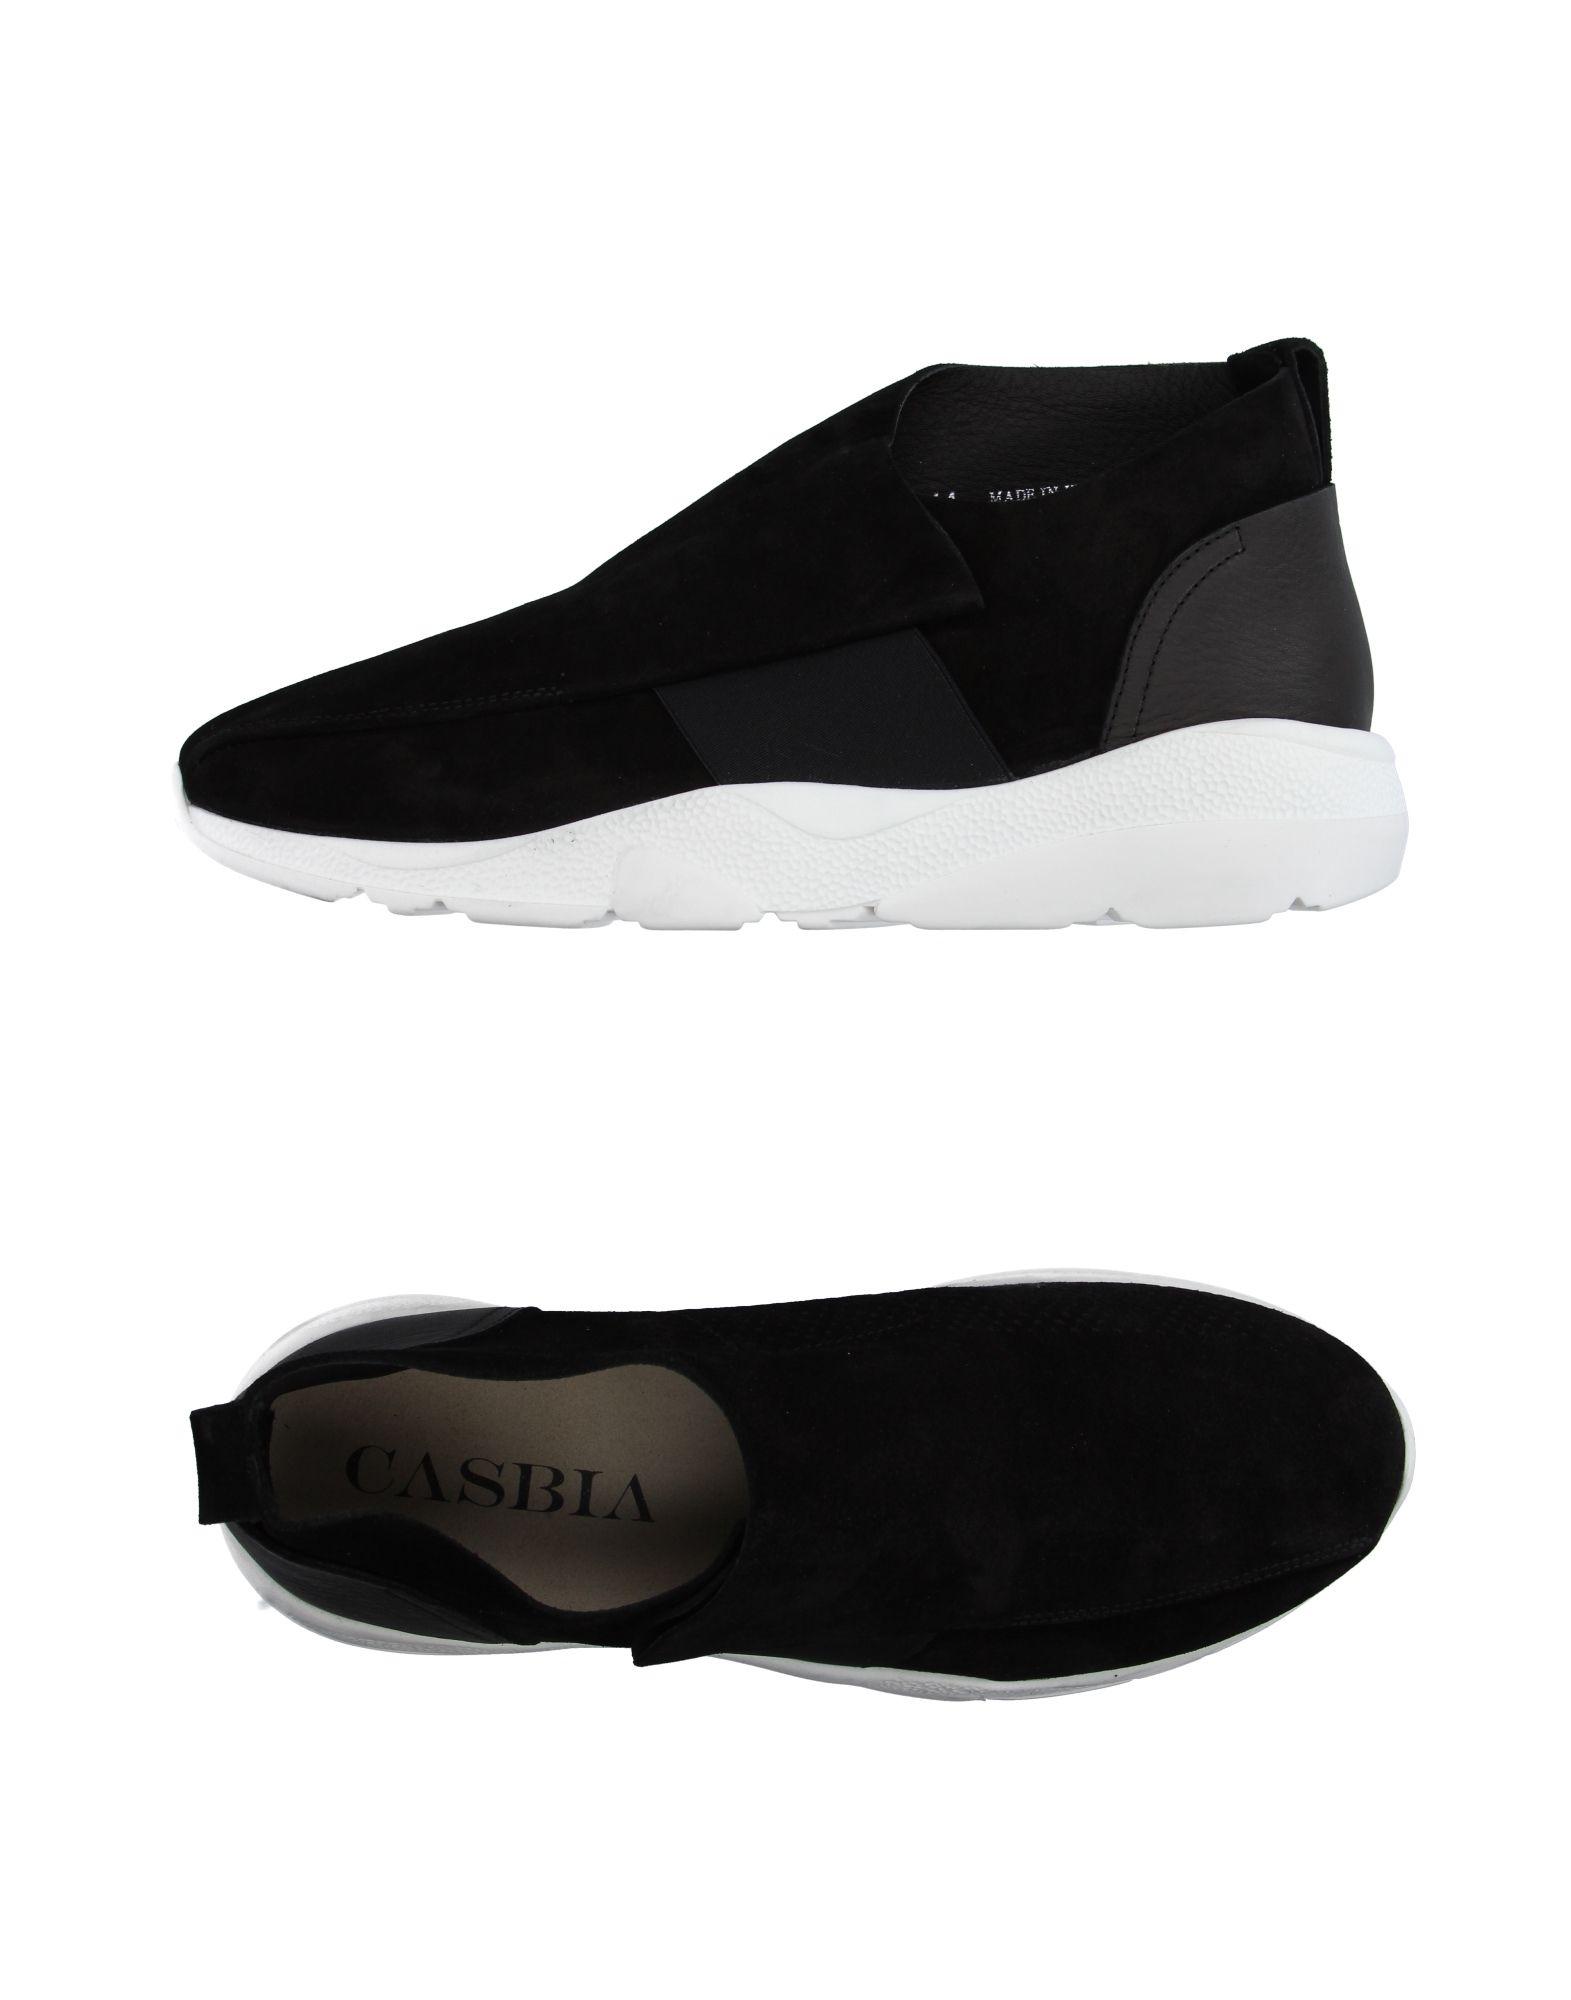 Sneakers Casbia Uomo - 11142988IT Scarpe economiche e buone